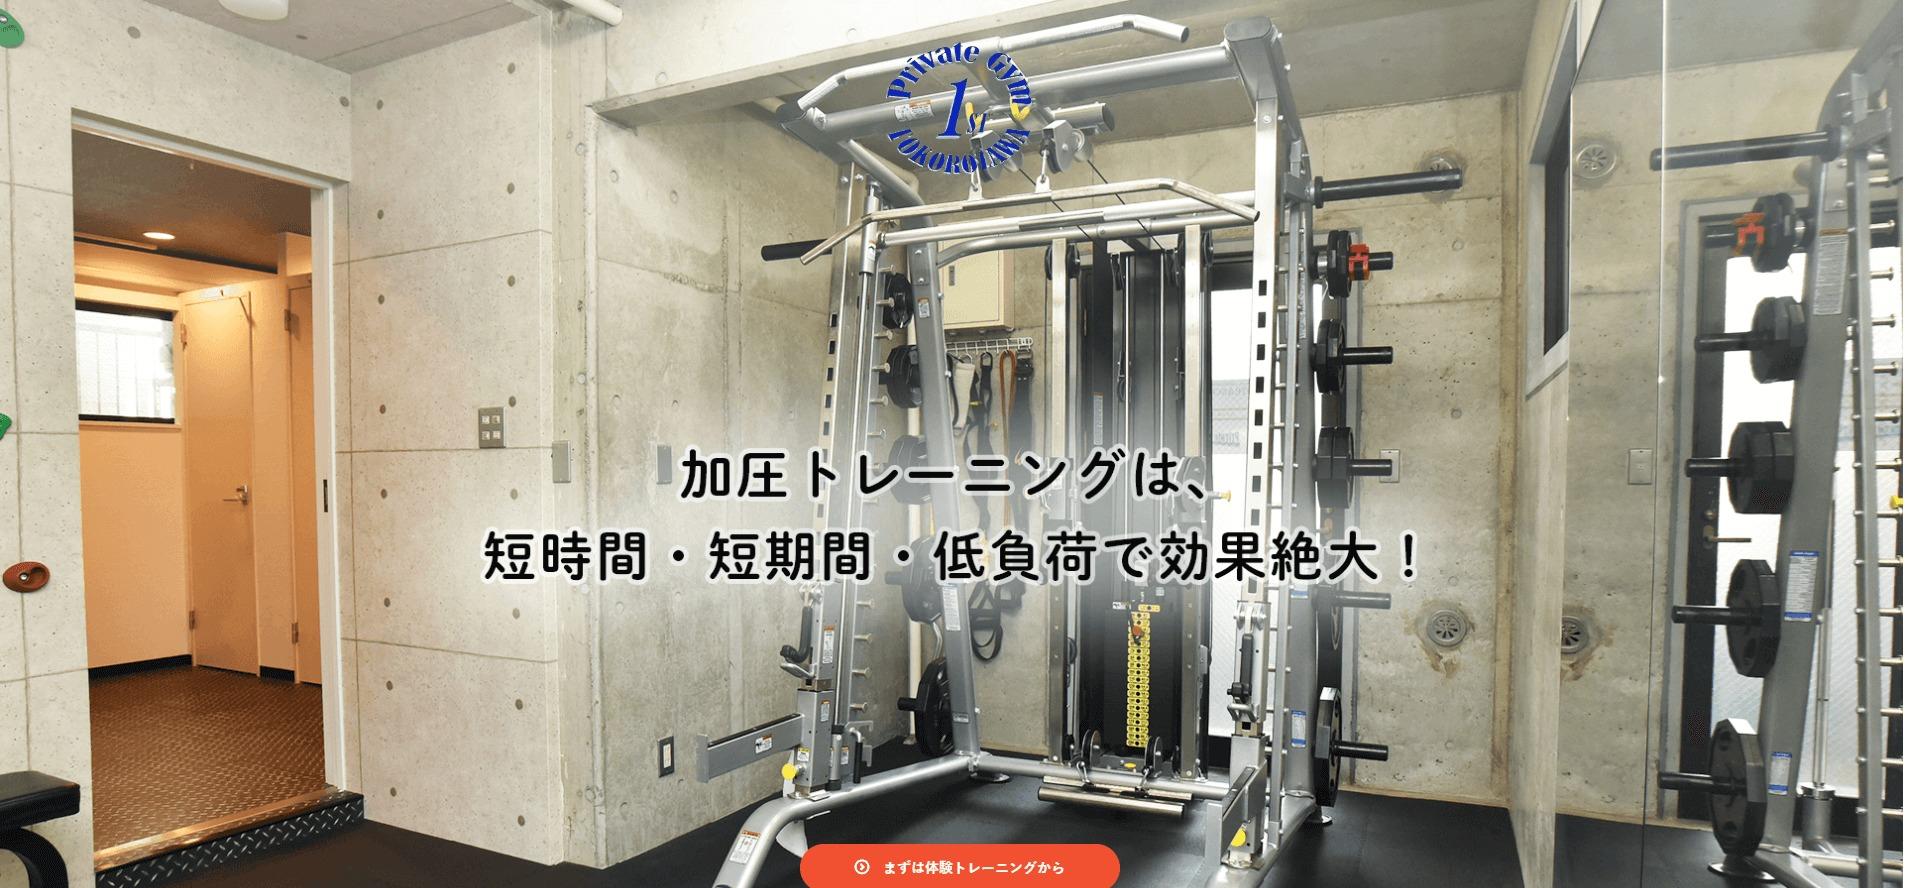 所沢エリアでおすすめのパーソナルトレーニングジム「Private Gym 1st」